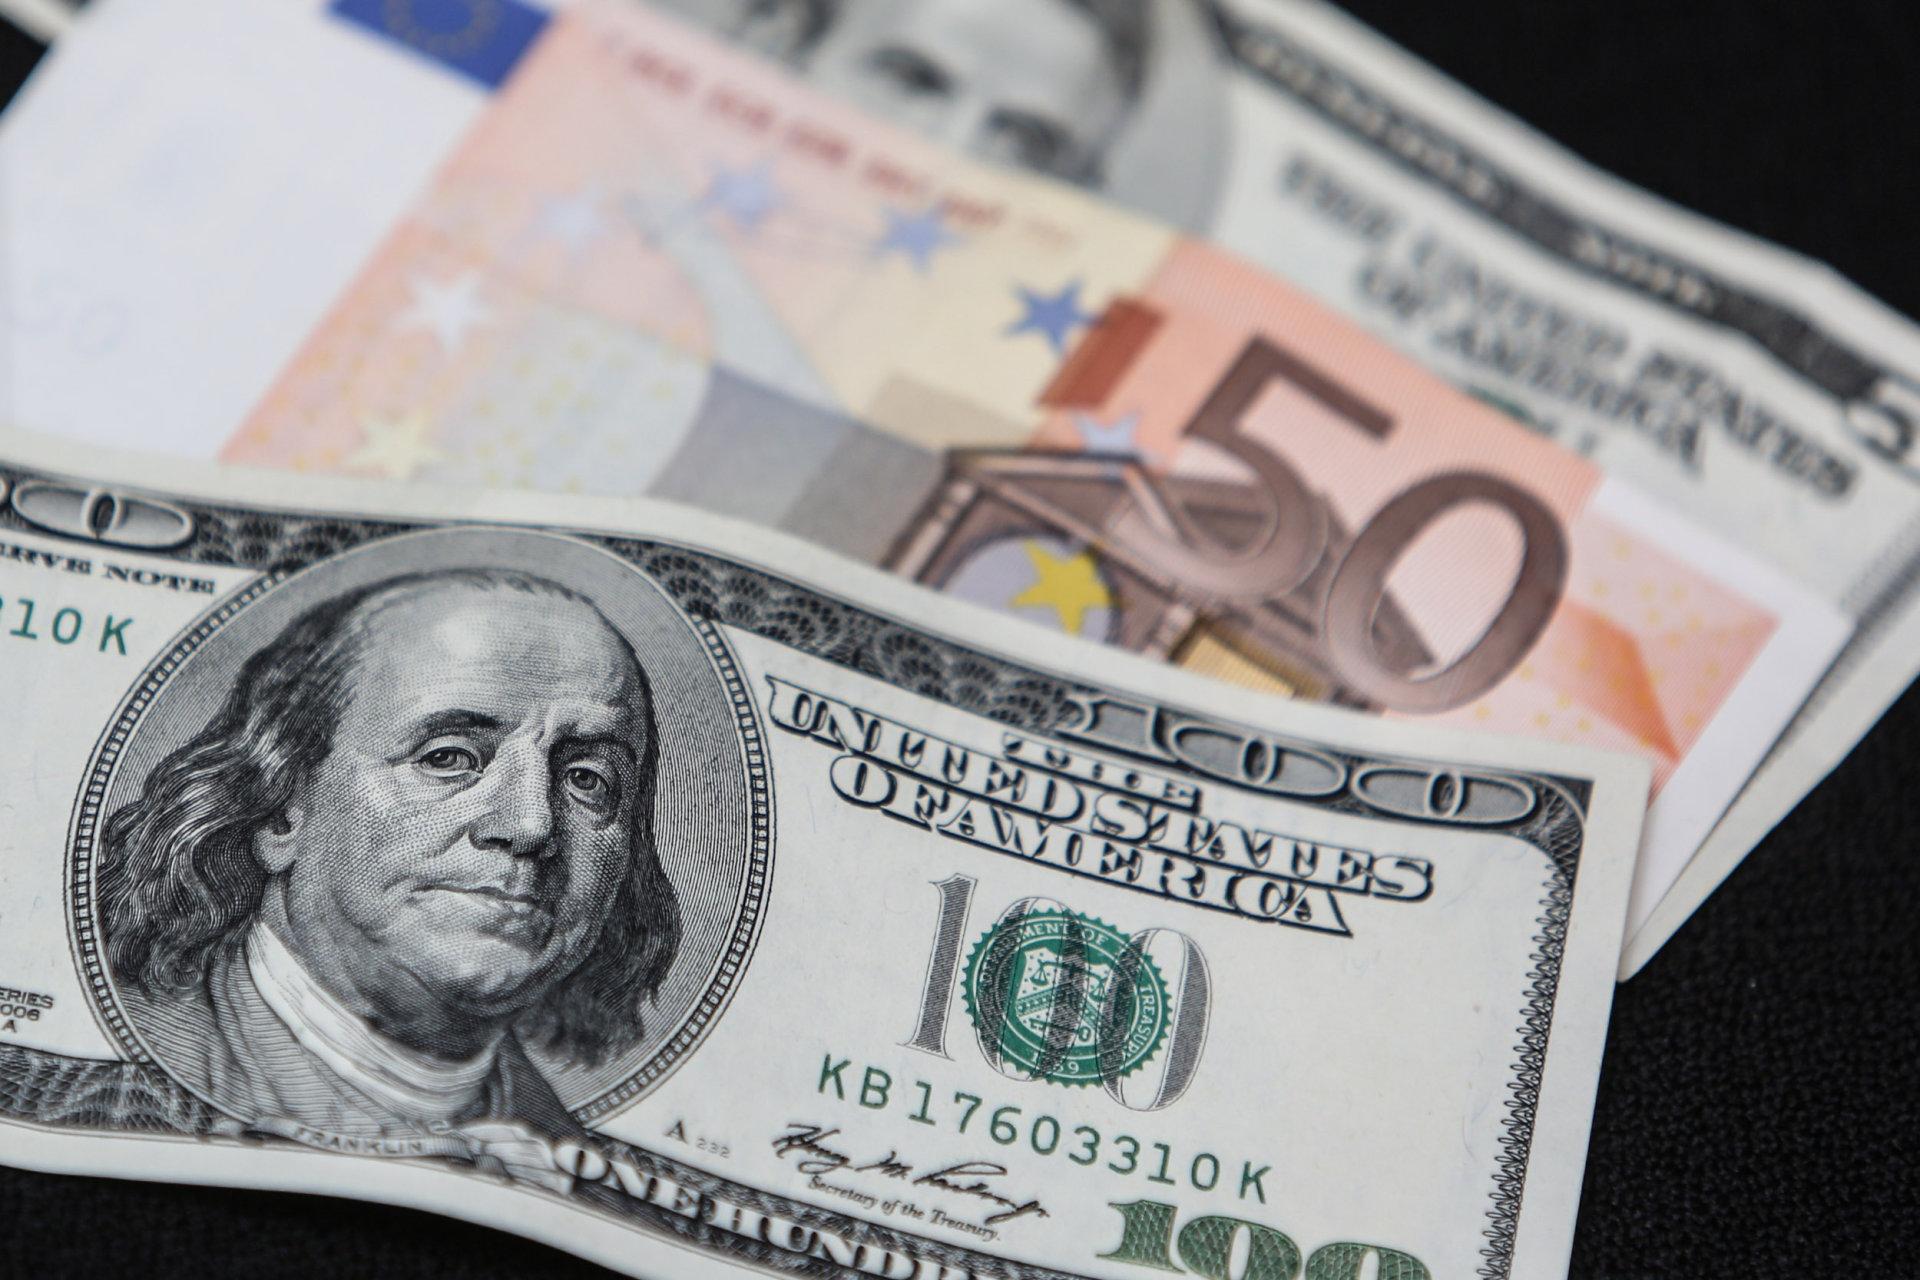 pirkti opcionus už porą eurų dolerių